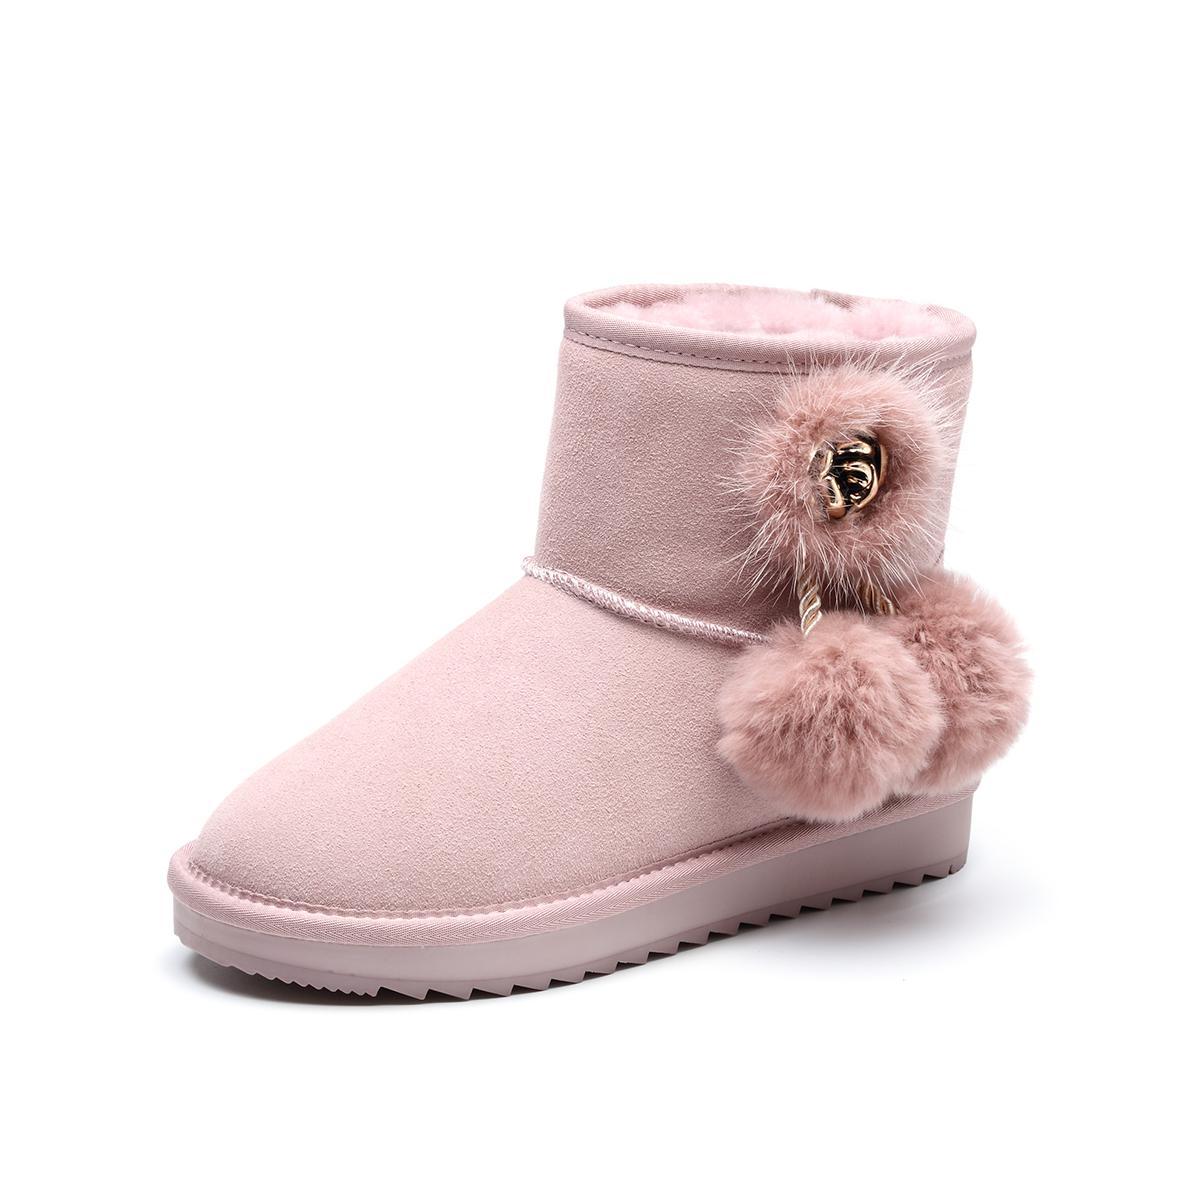 森达森达2019冬季新款专柜同款甜美绒毛吊坠女雪地靴V91VJR41MK1DD9